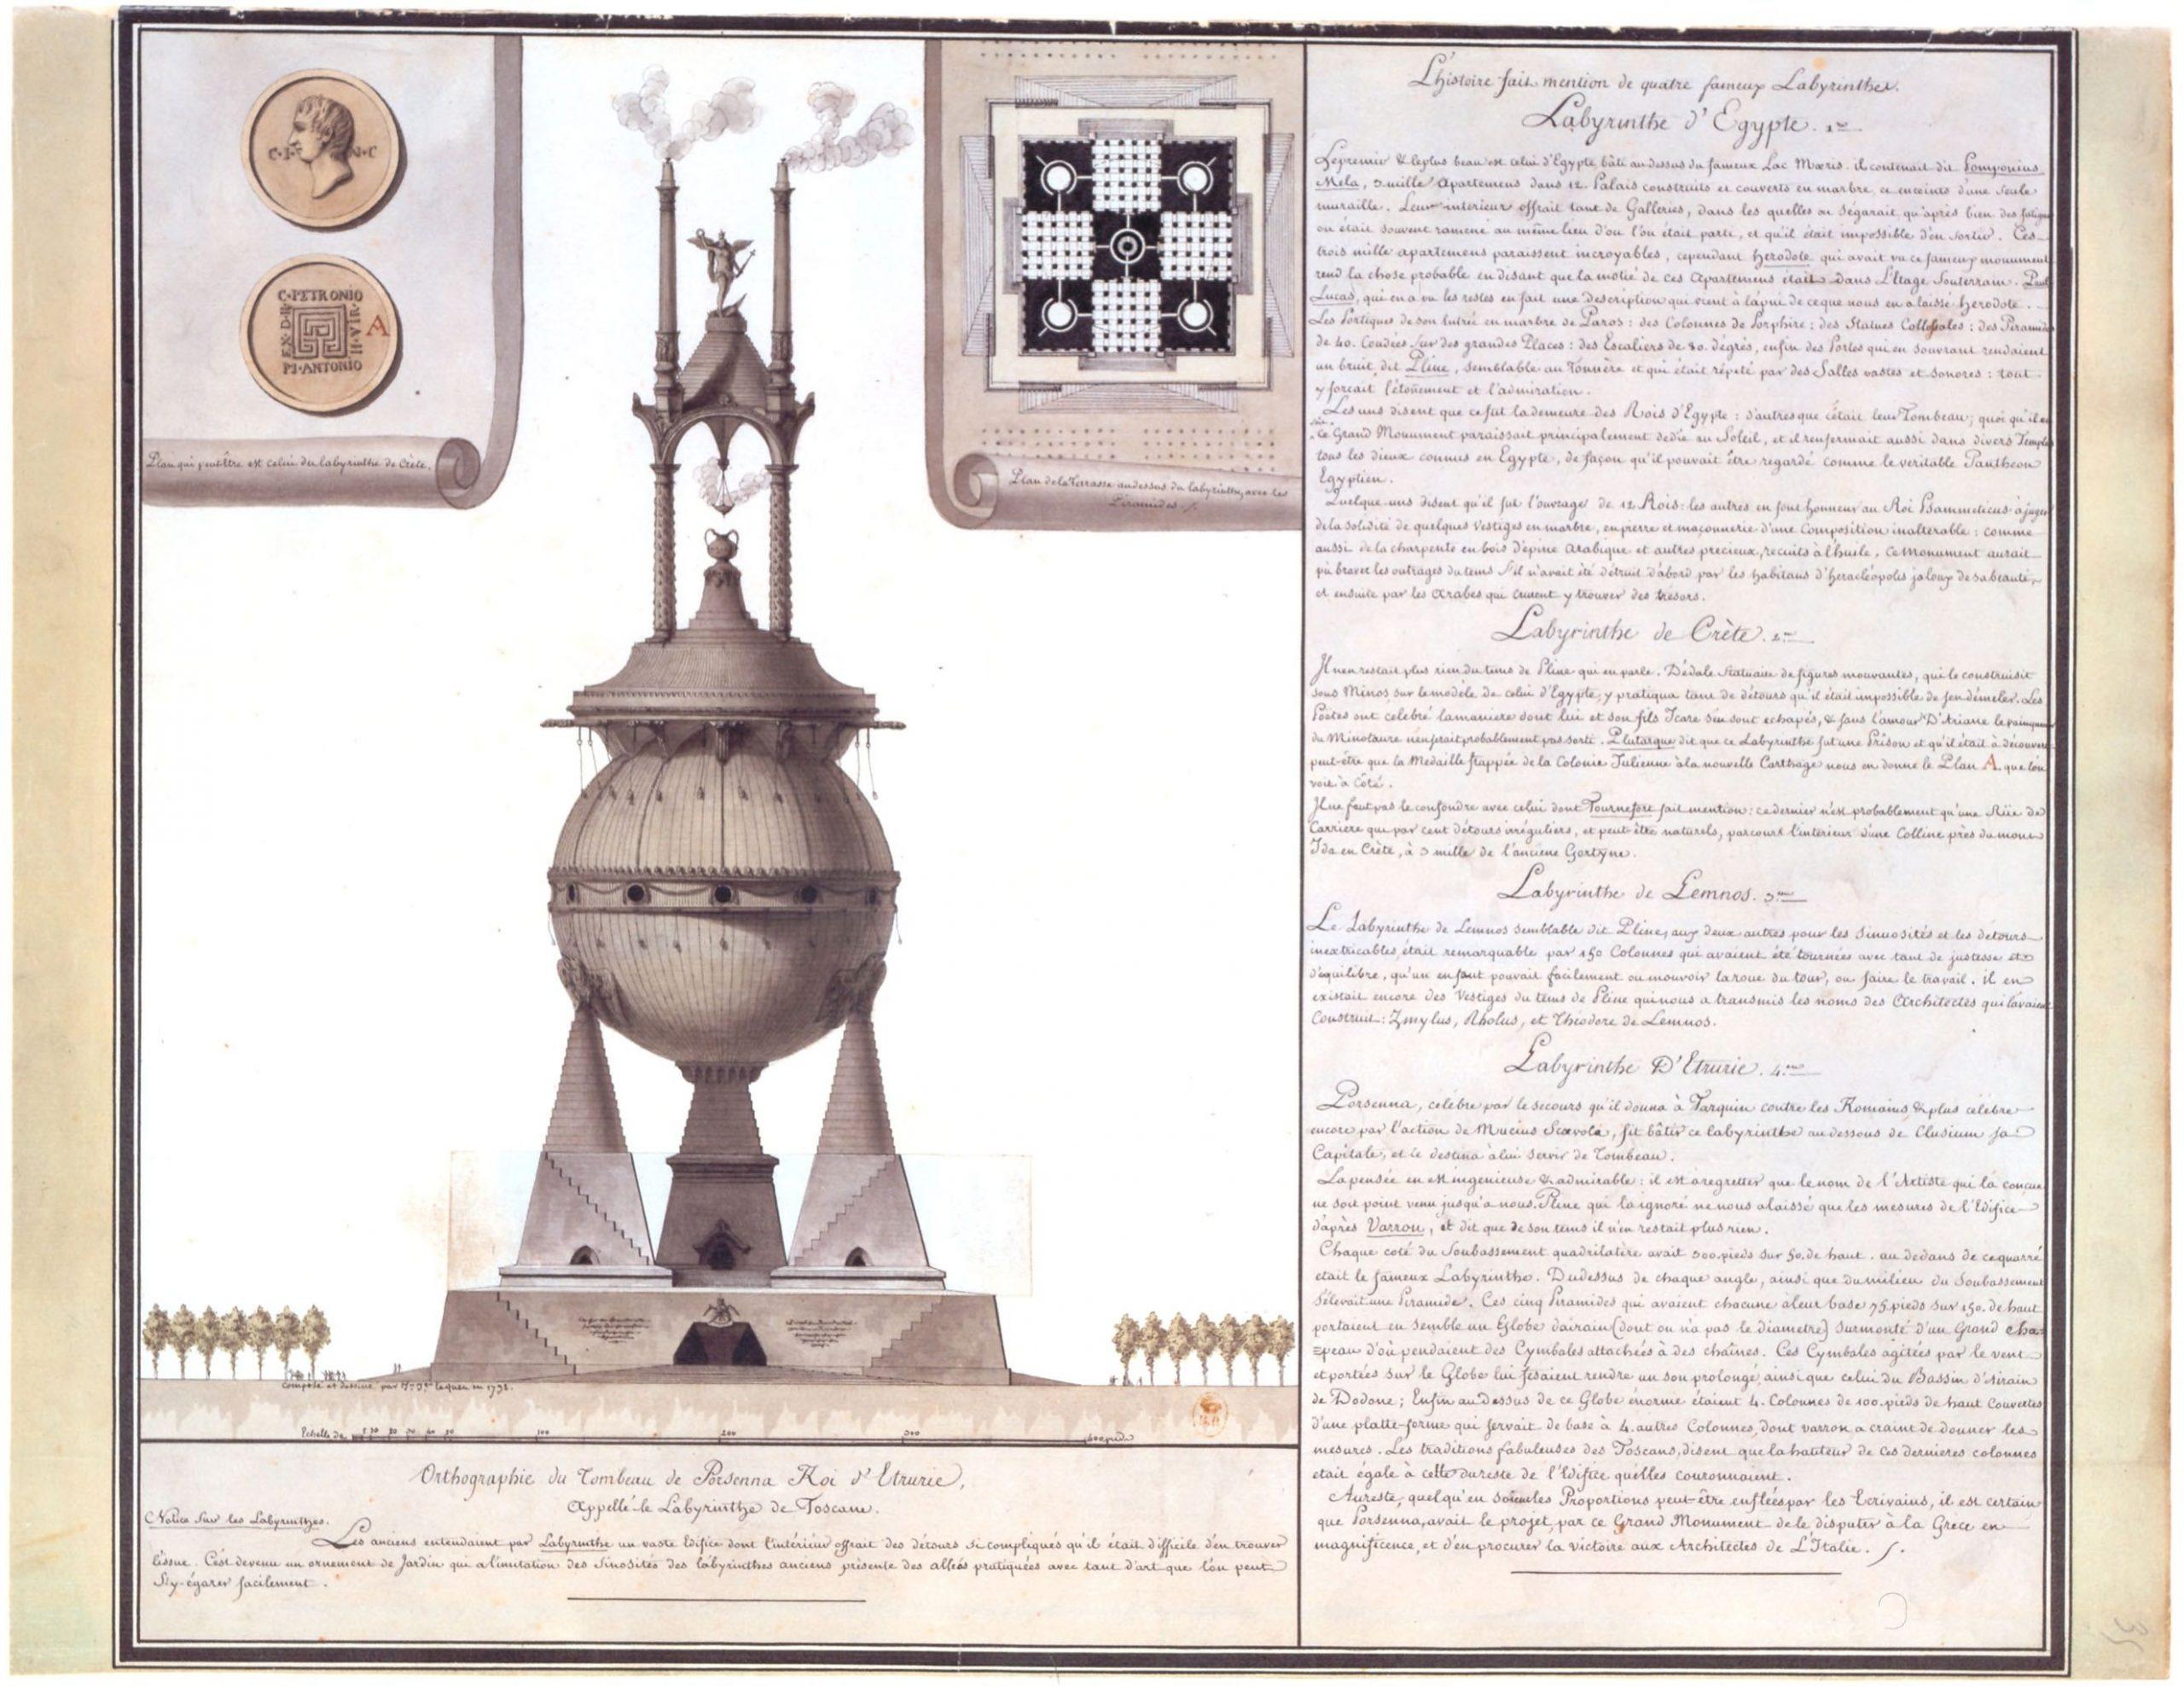 File:jean-Jacques Lequeu, Orthographie Du Tombeau De concernant Labyrinthe Difficile